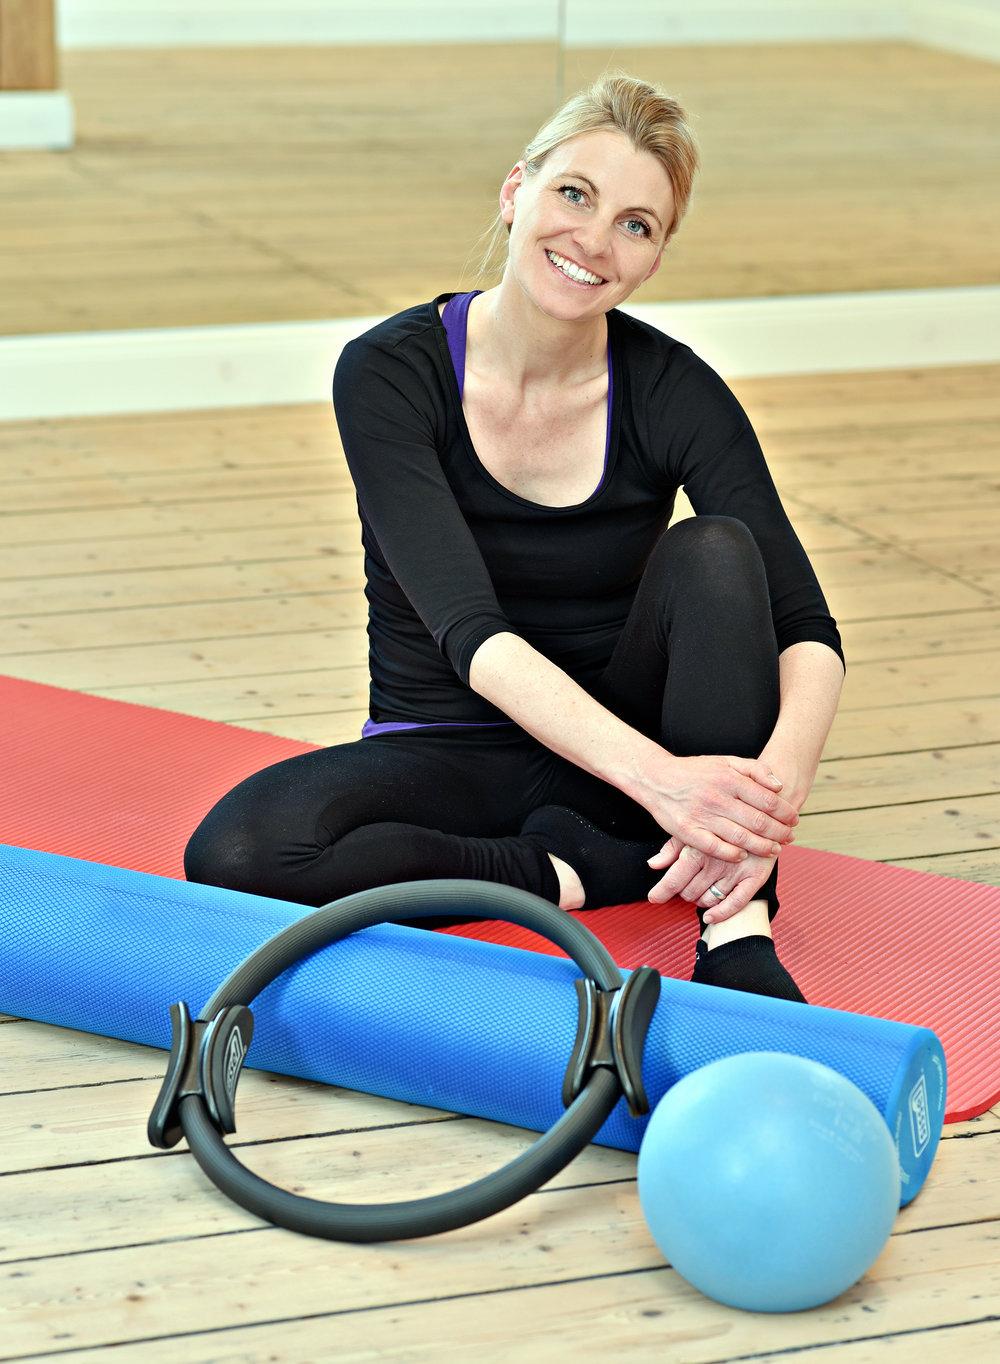 Caroline Barra - staatlich anerkannte Tanz-, Sport- und GymnastikpädagoginZertifizierte Pilates Body Motion LehrerinZertifizerte Pilates Präventions Lehrerin Zentrale Prüfstelle PräventionAusbilderin Beckenboden & Rektusdiastase